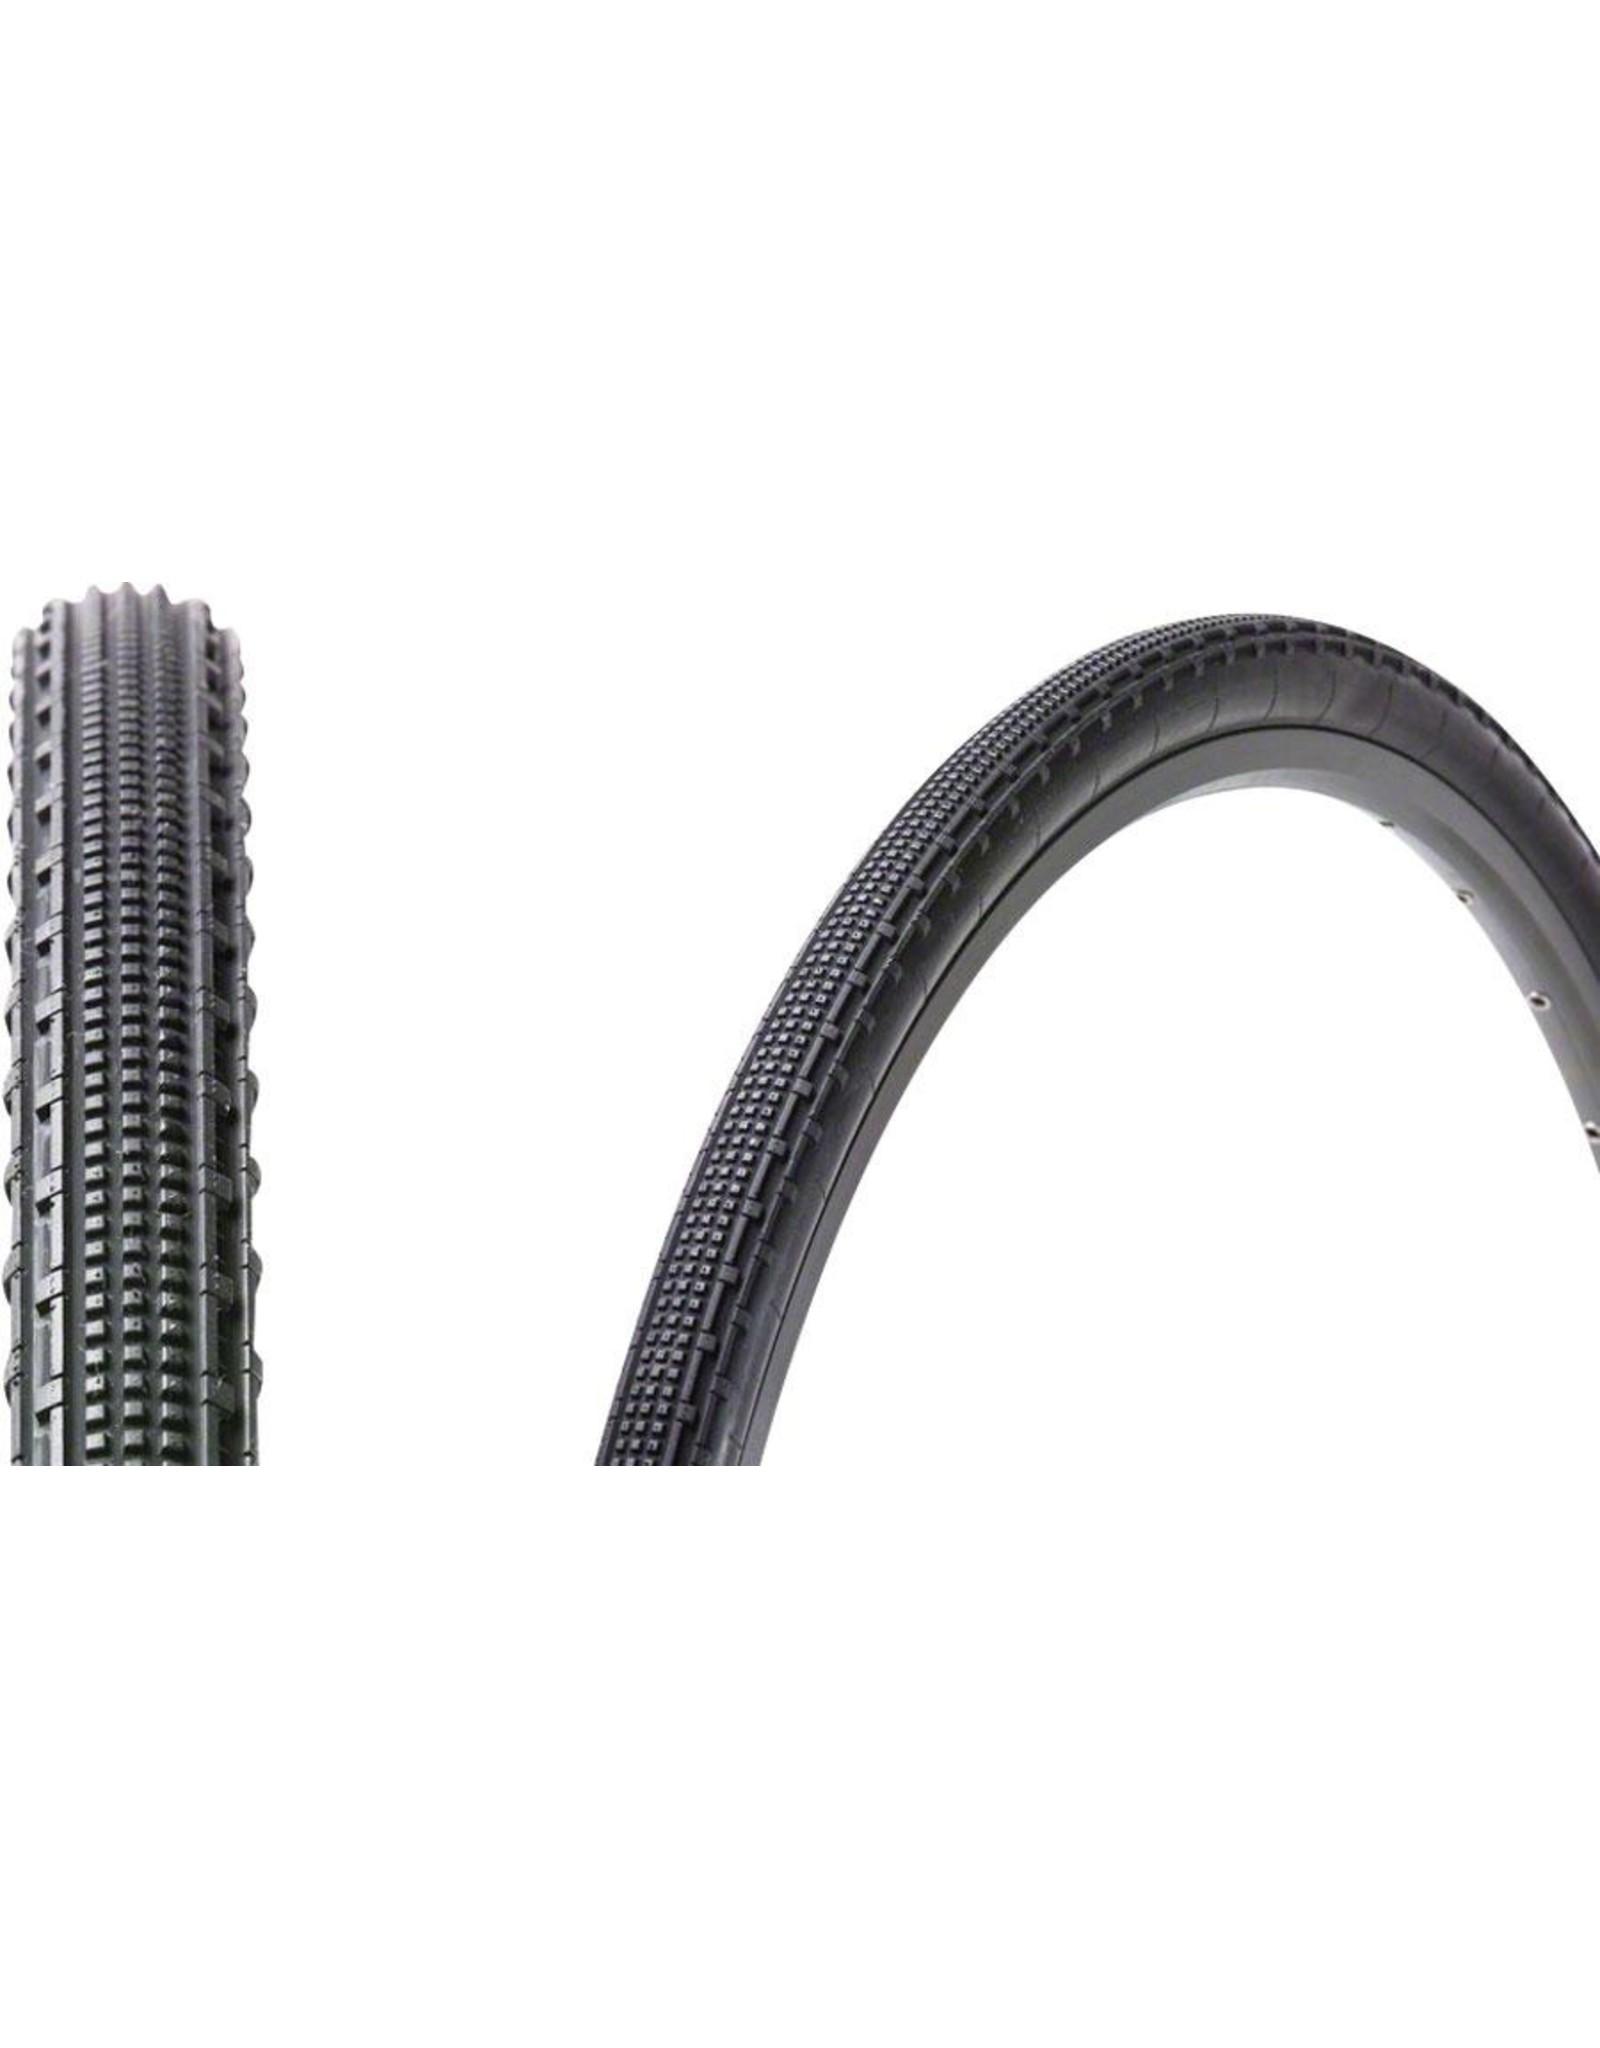 Panaracer GravelKing K Tire, 700x38c - Black